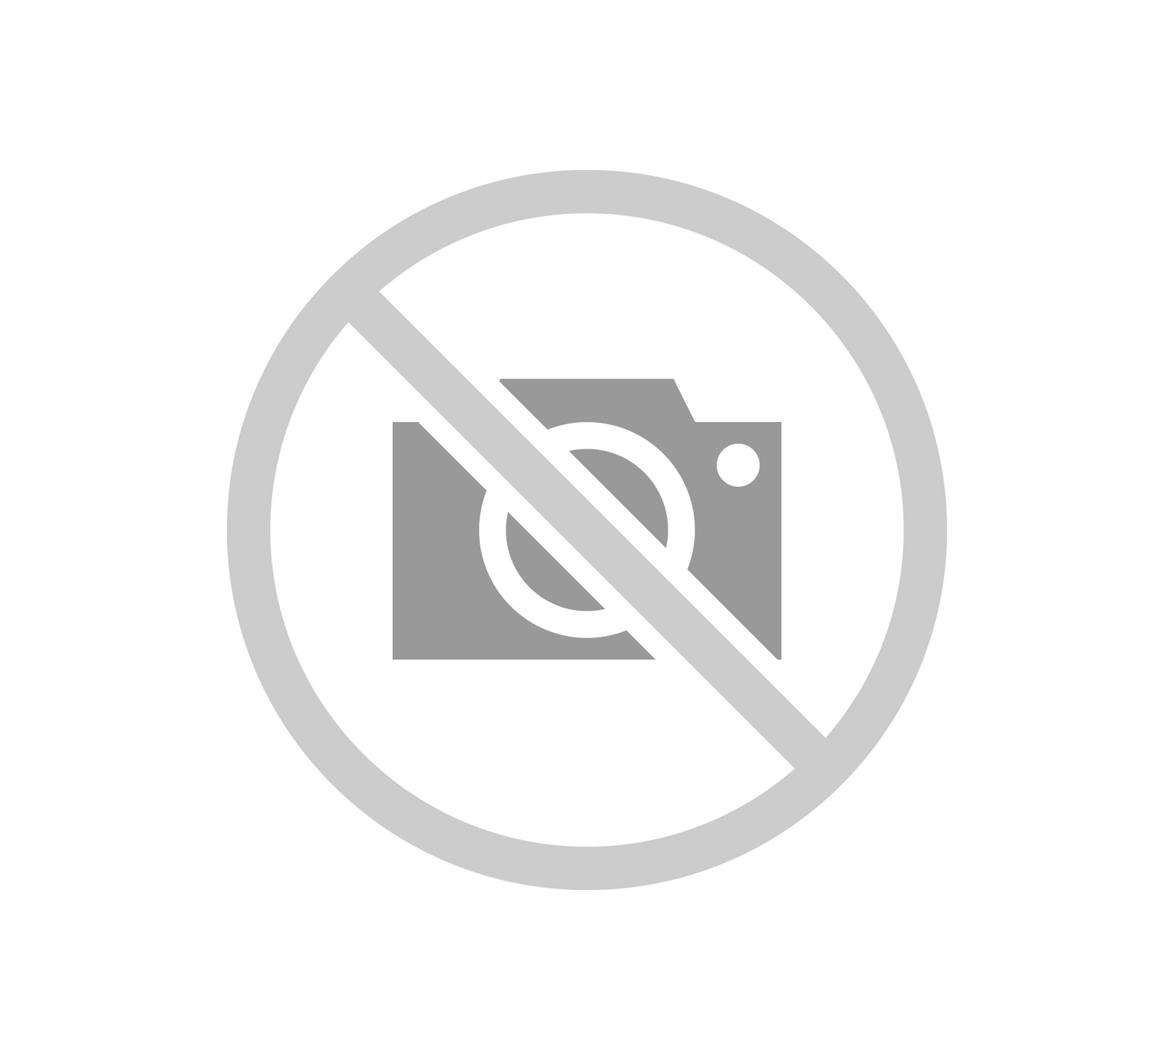 """Sedací souprava BALBOA OT-2F-R-1 ve tvaru """"U1"""" Malmo 96 tmavě šedá"""